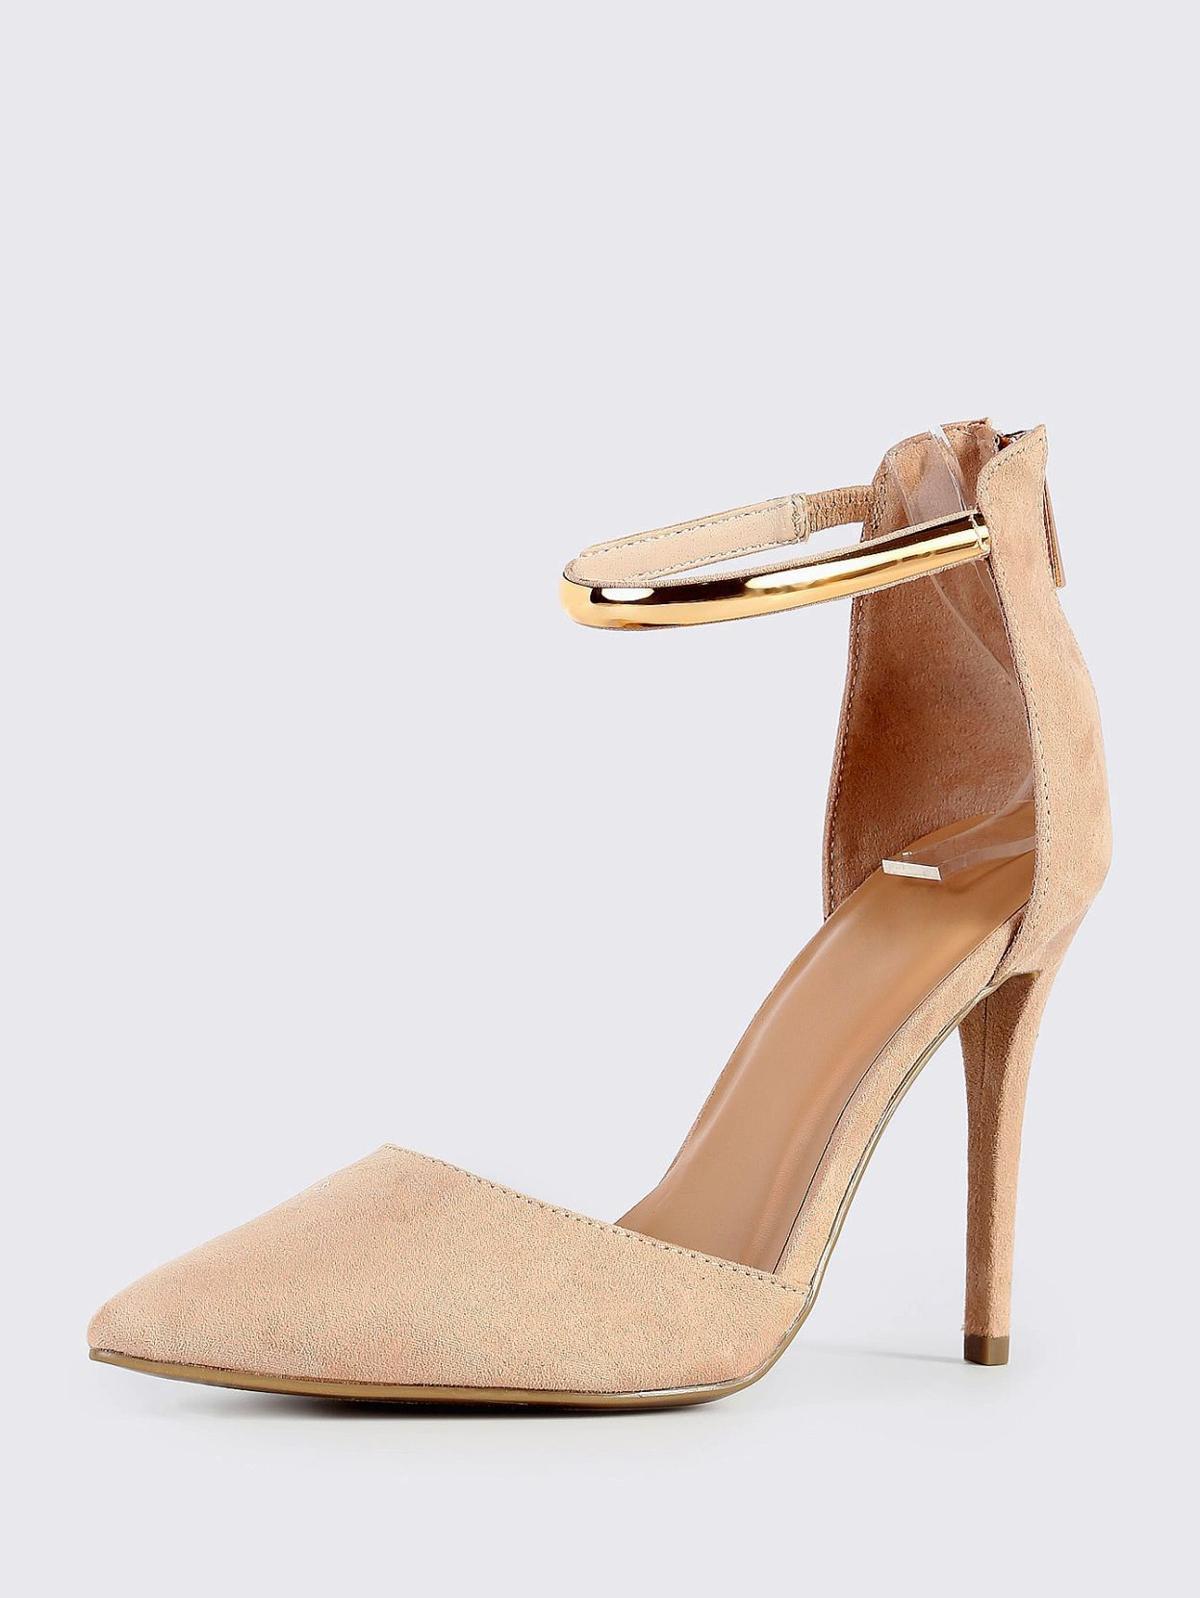 170802_jos_heels